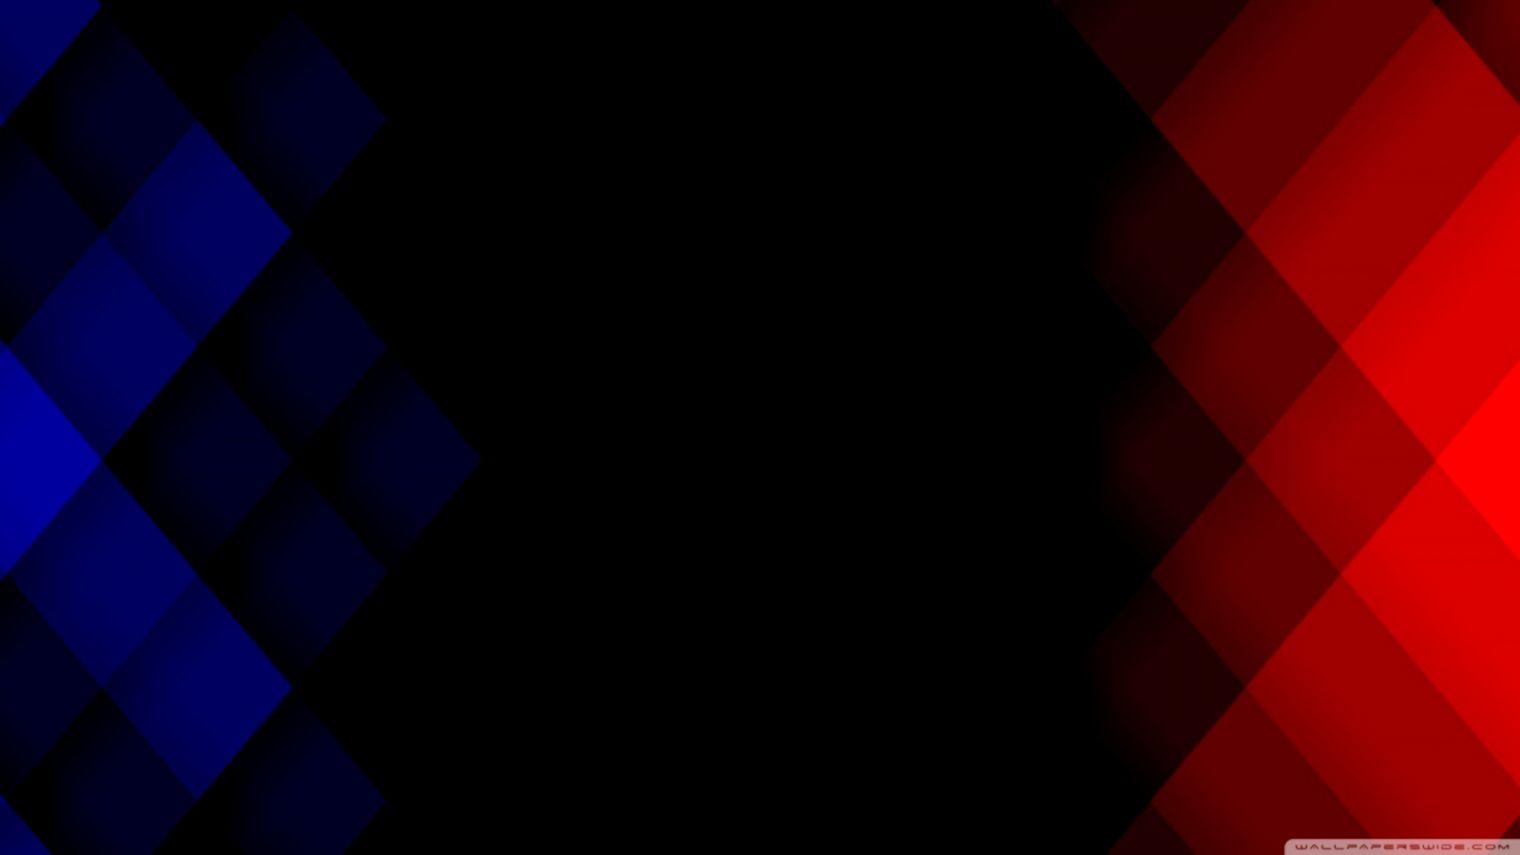 Blue Red  E D A K Hd Desktop Wallpaper For K Ultra Hd Tv  E  A Wide